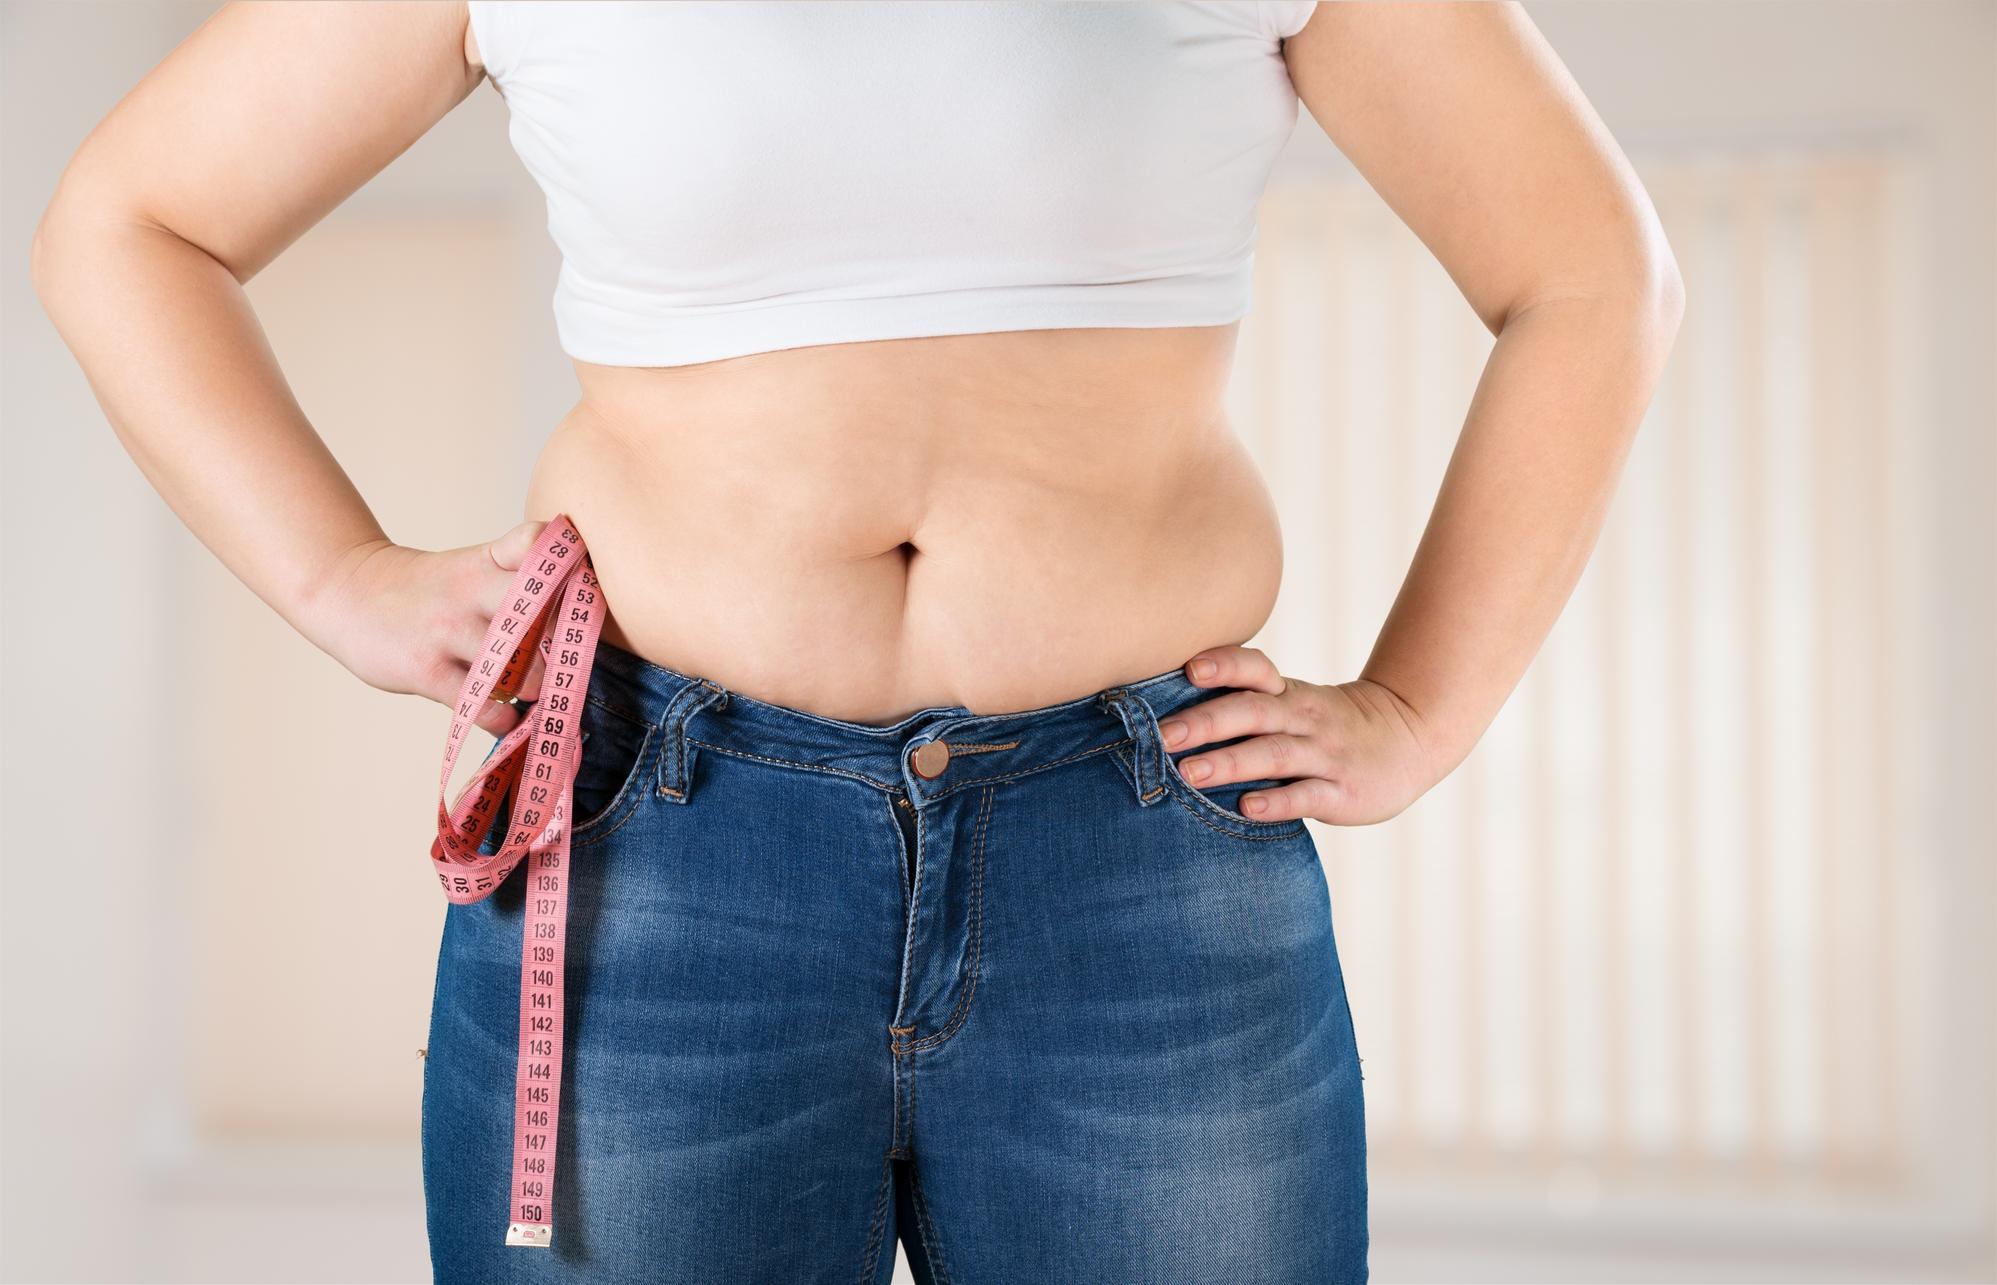 Толстая Талия Как Похудеть. Как похудеть в талии и животе